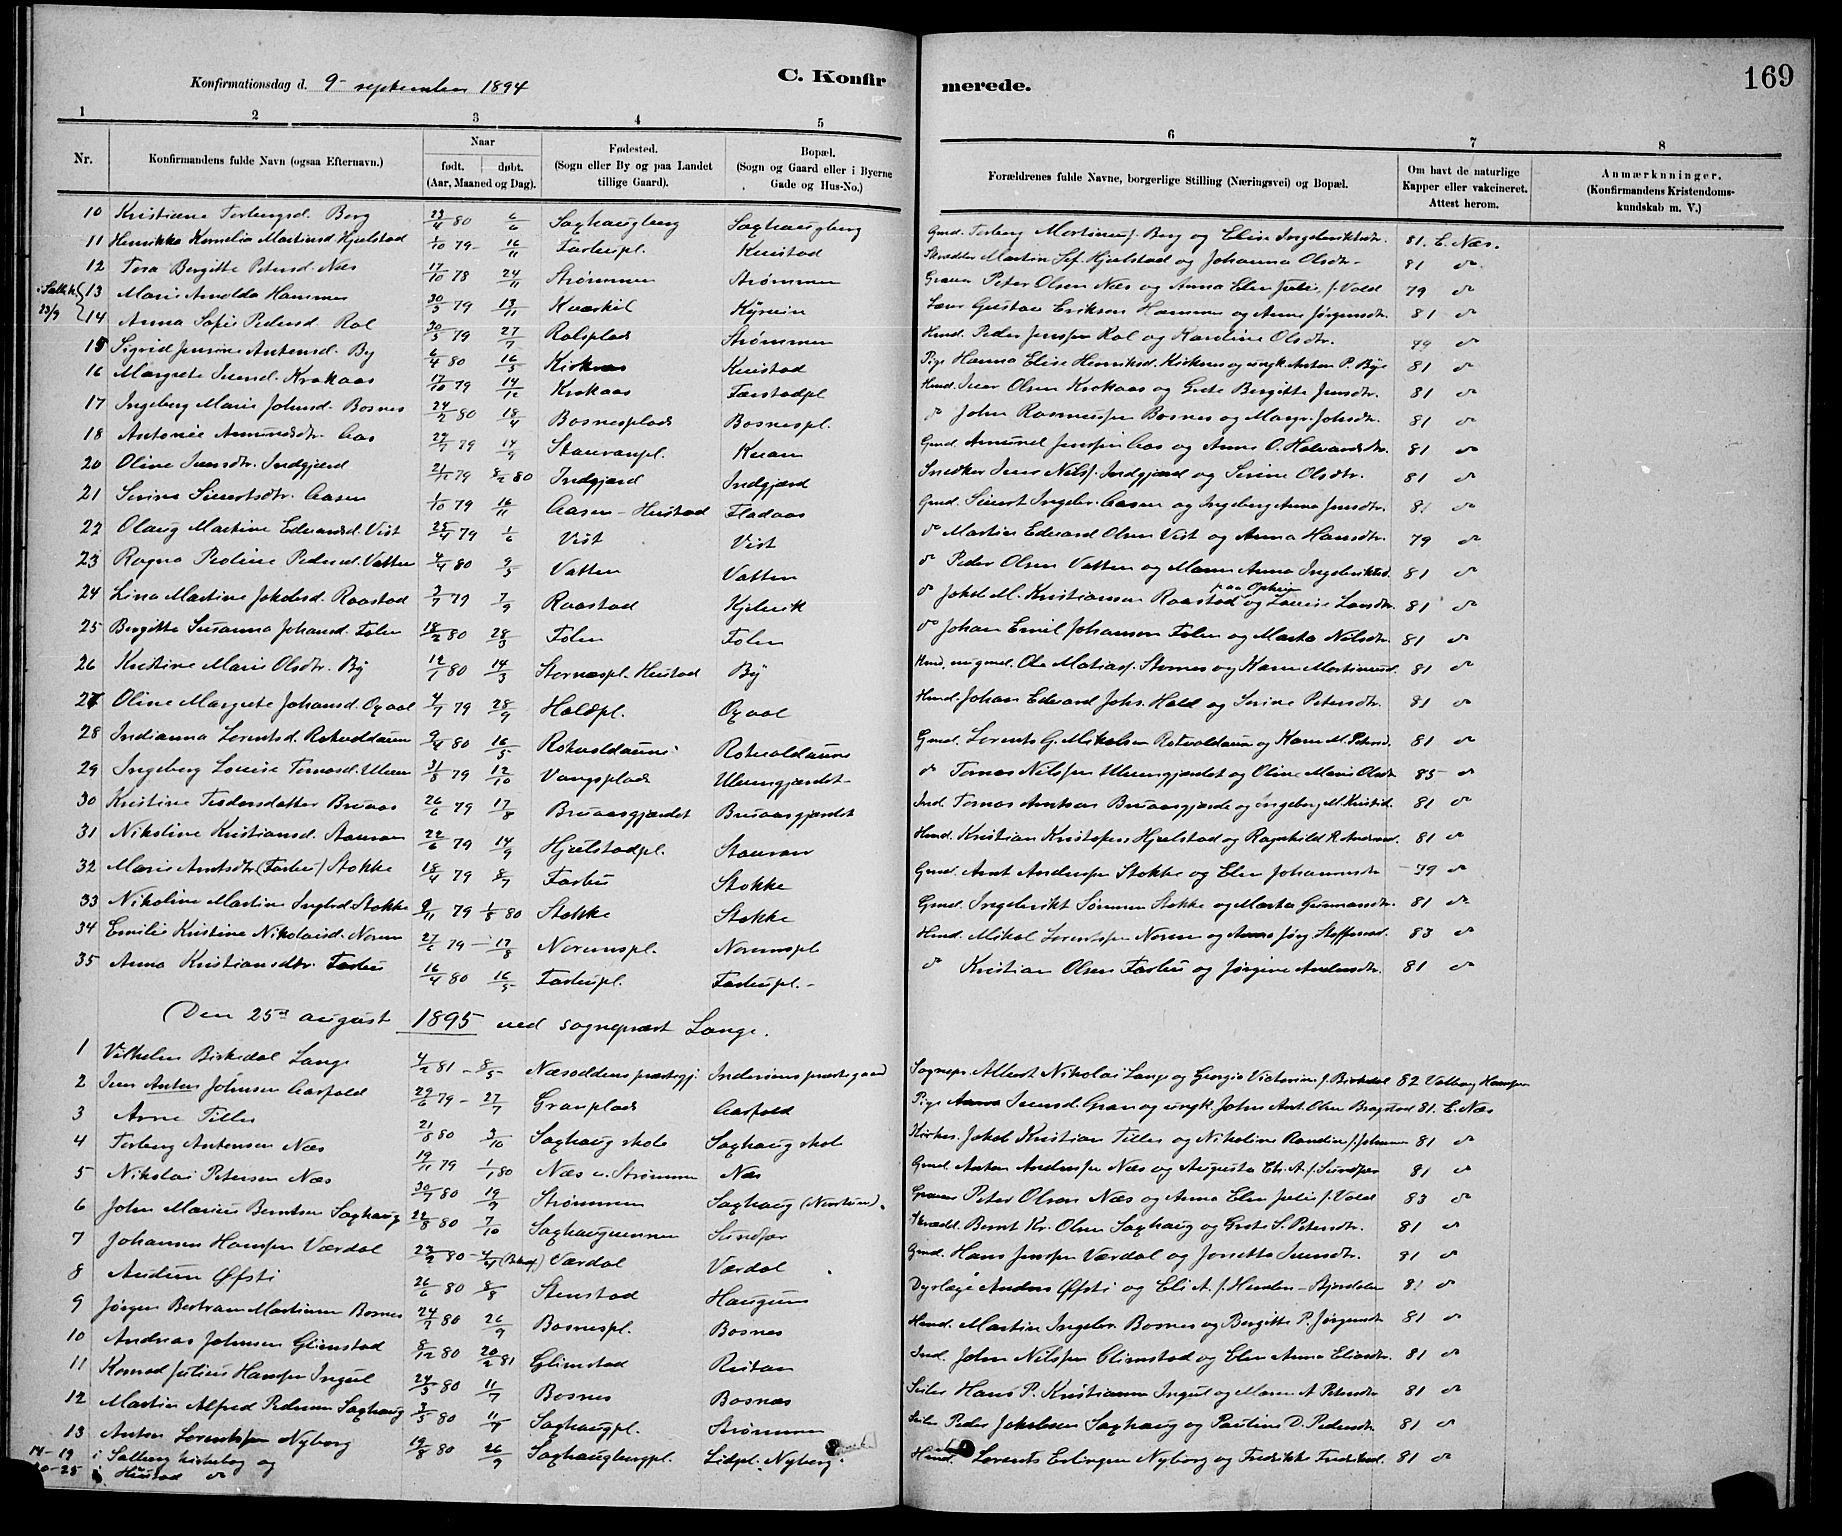 SAT, Ministerialprotokoller, klokkerbøker og fødselsregistre - Nord-Trøndelag, 730/L0301: Klokkerbok nr. 730C04, 1880-1897, s. 169